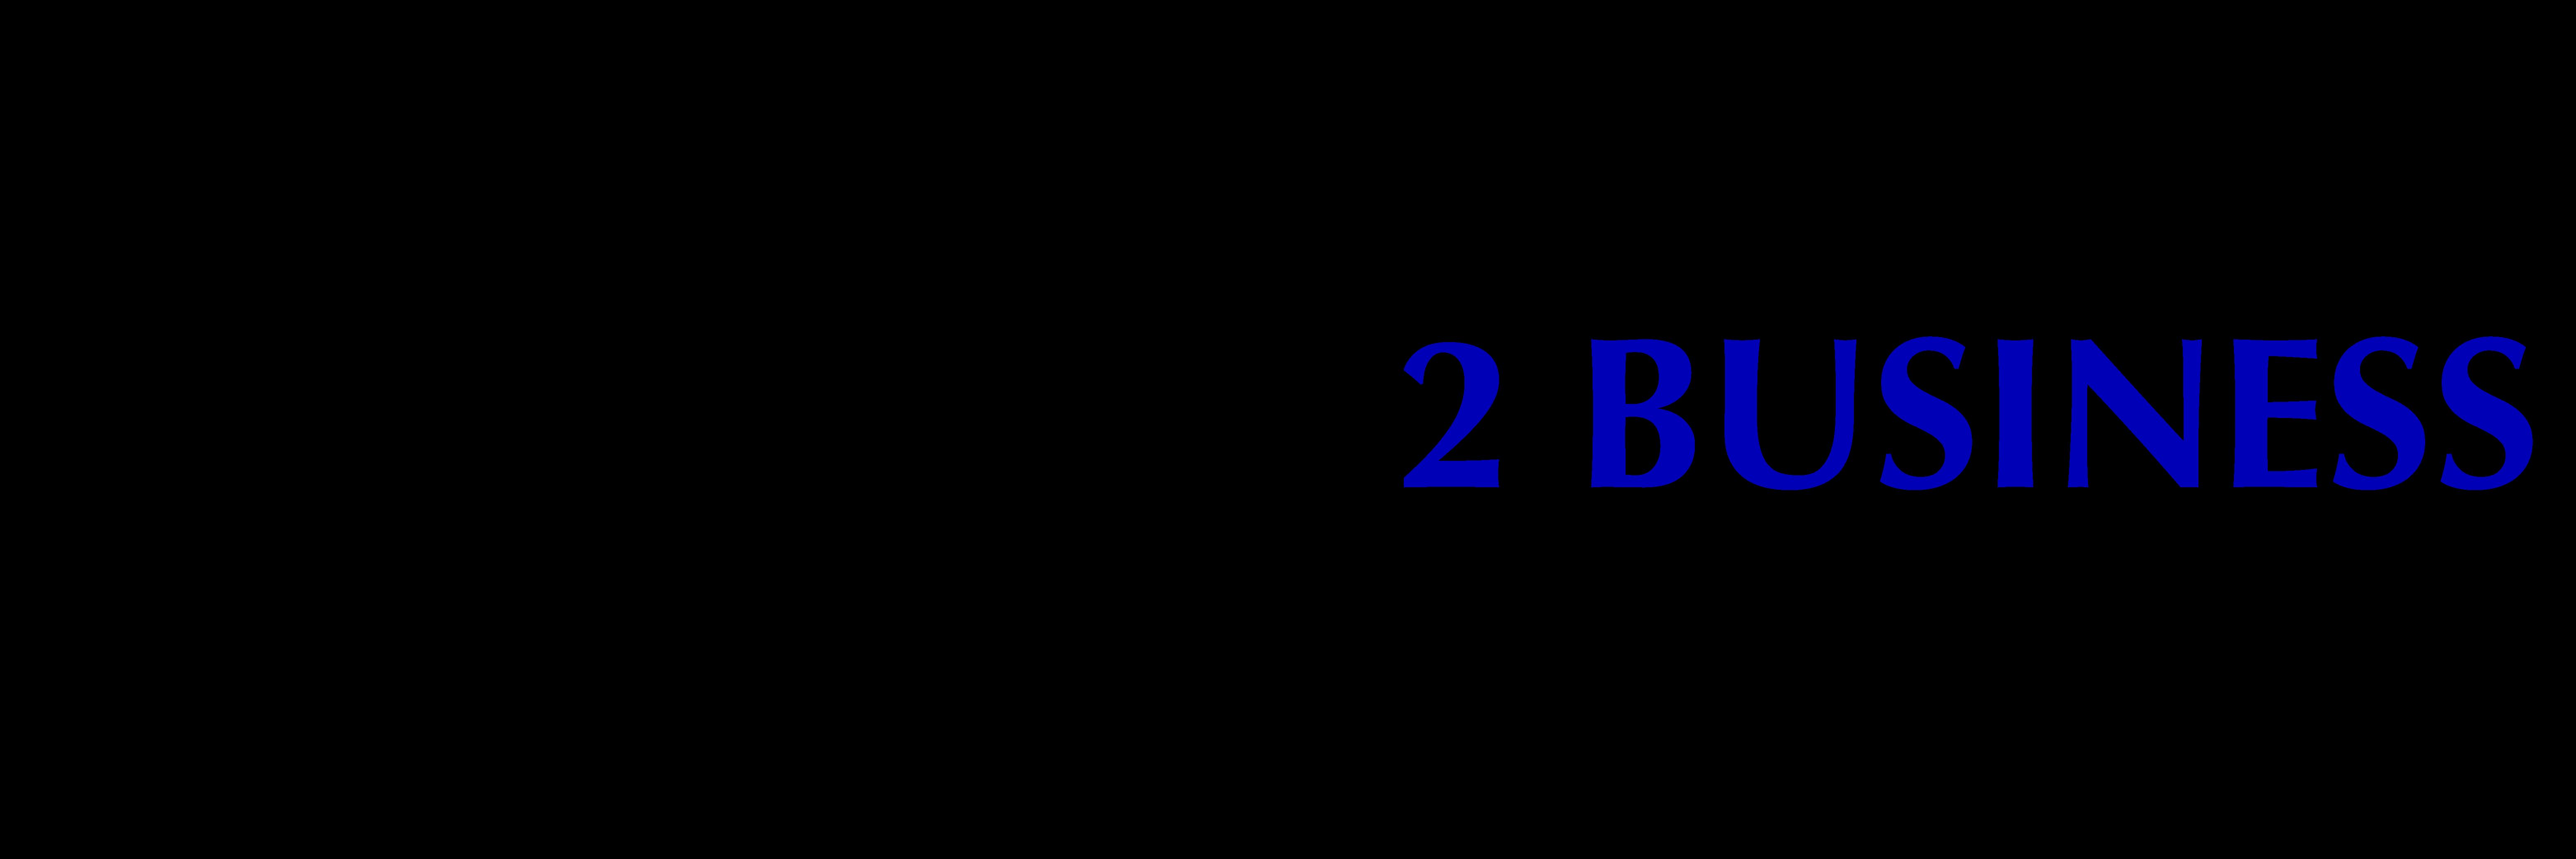 BLUSQUARE 2 BUSINESS